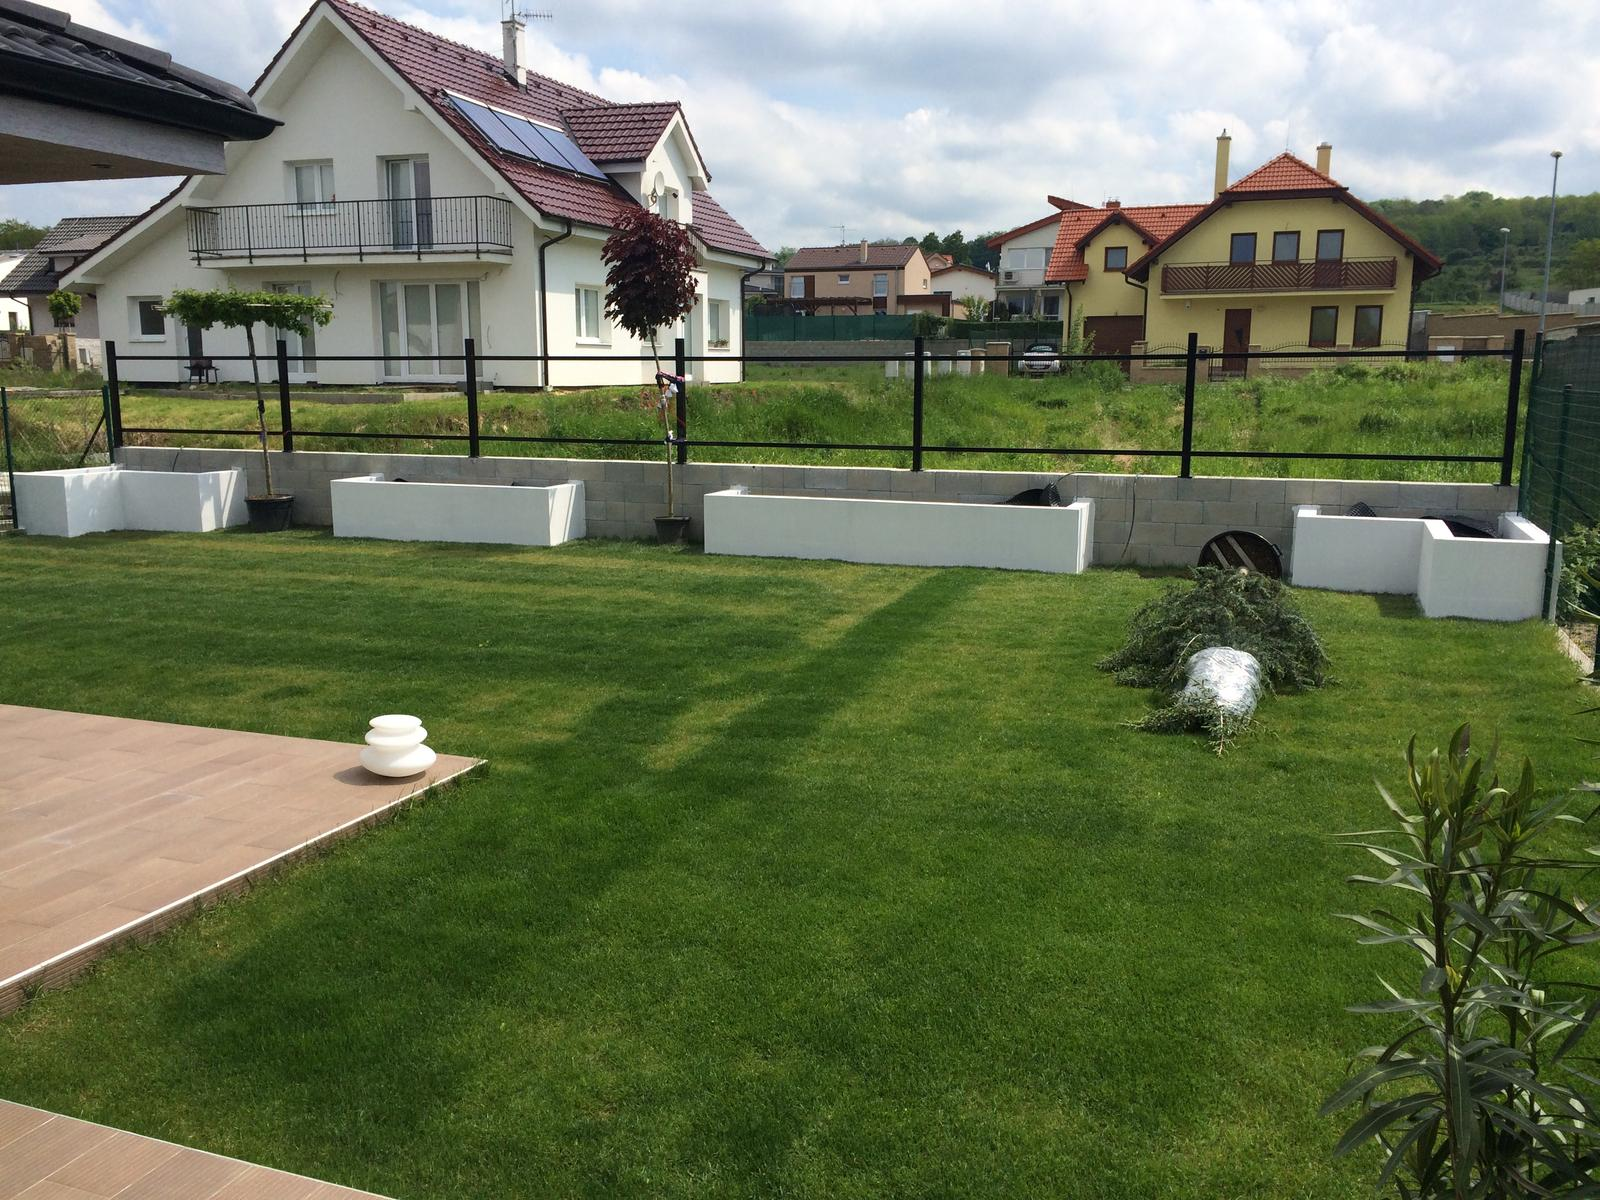 Zahradka - Biely podomietkovy prnetrak. Nato pôjde fasáda.